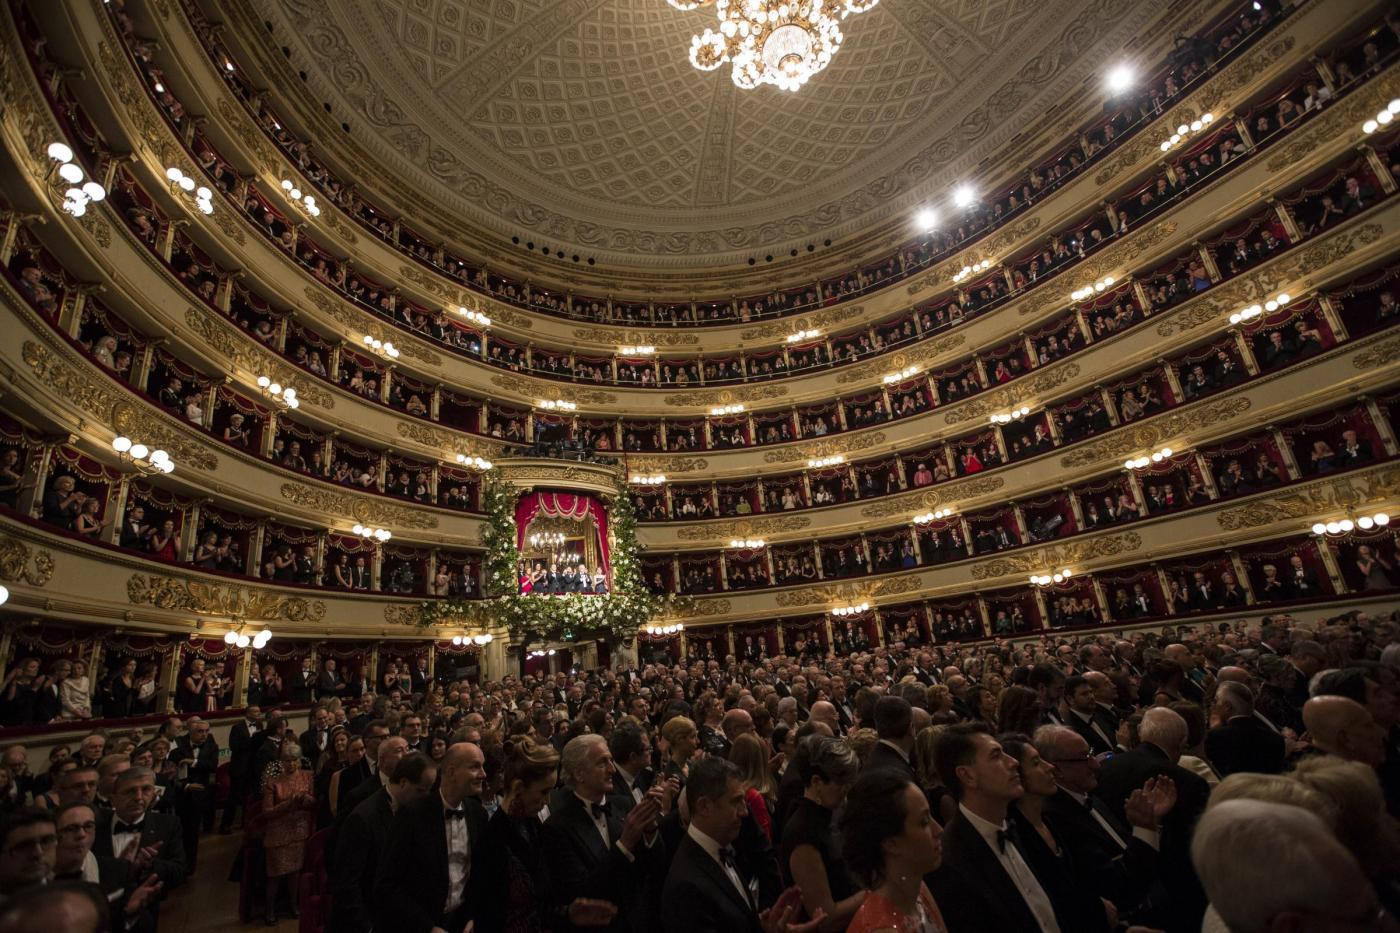 Giornata del Teatro gratis: il 22 ottobre spettacoli aperti a tutti